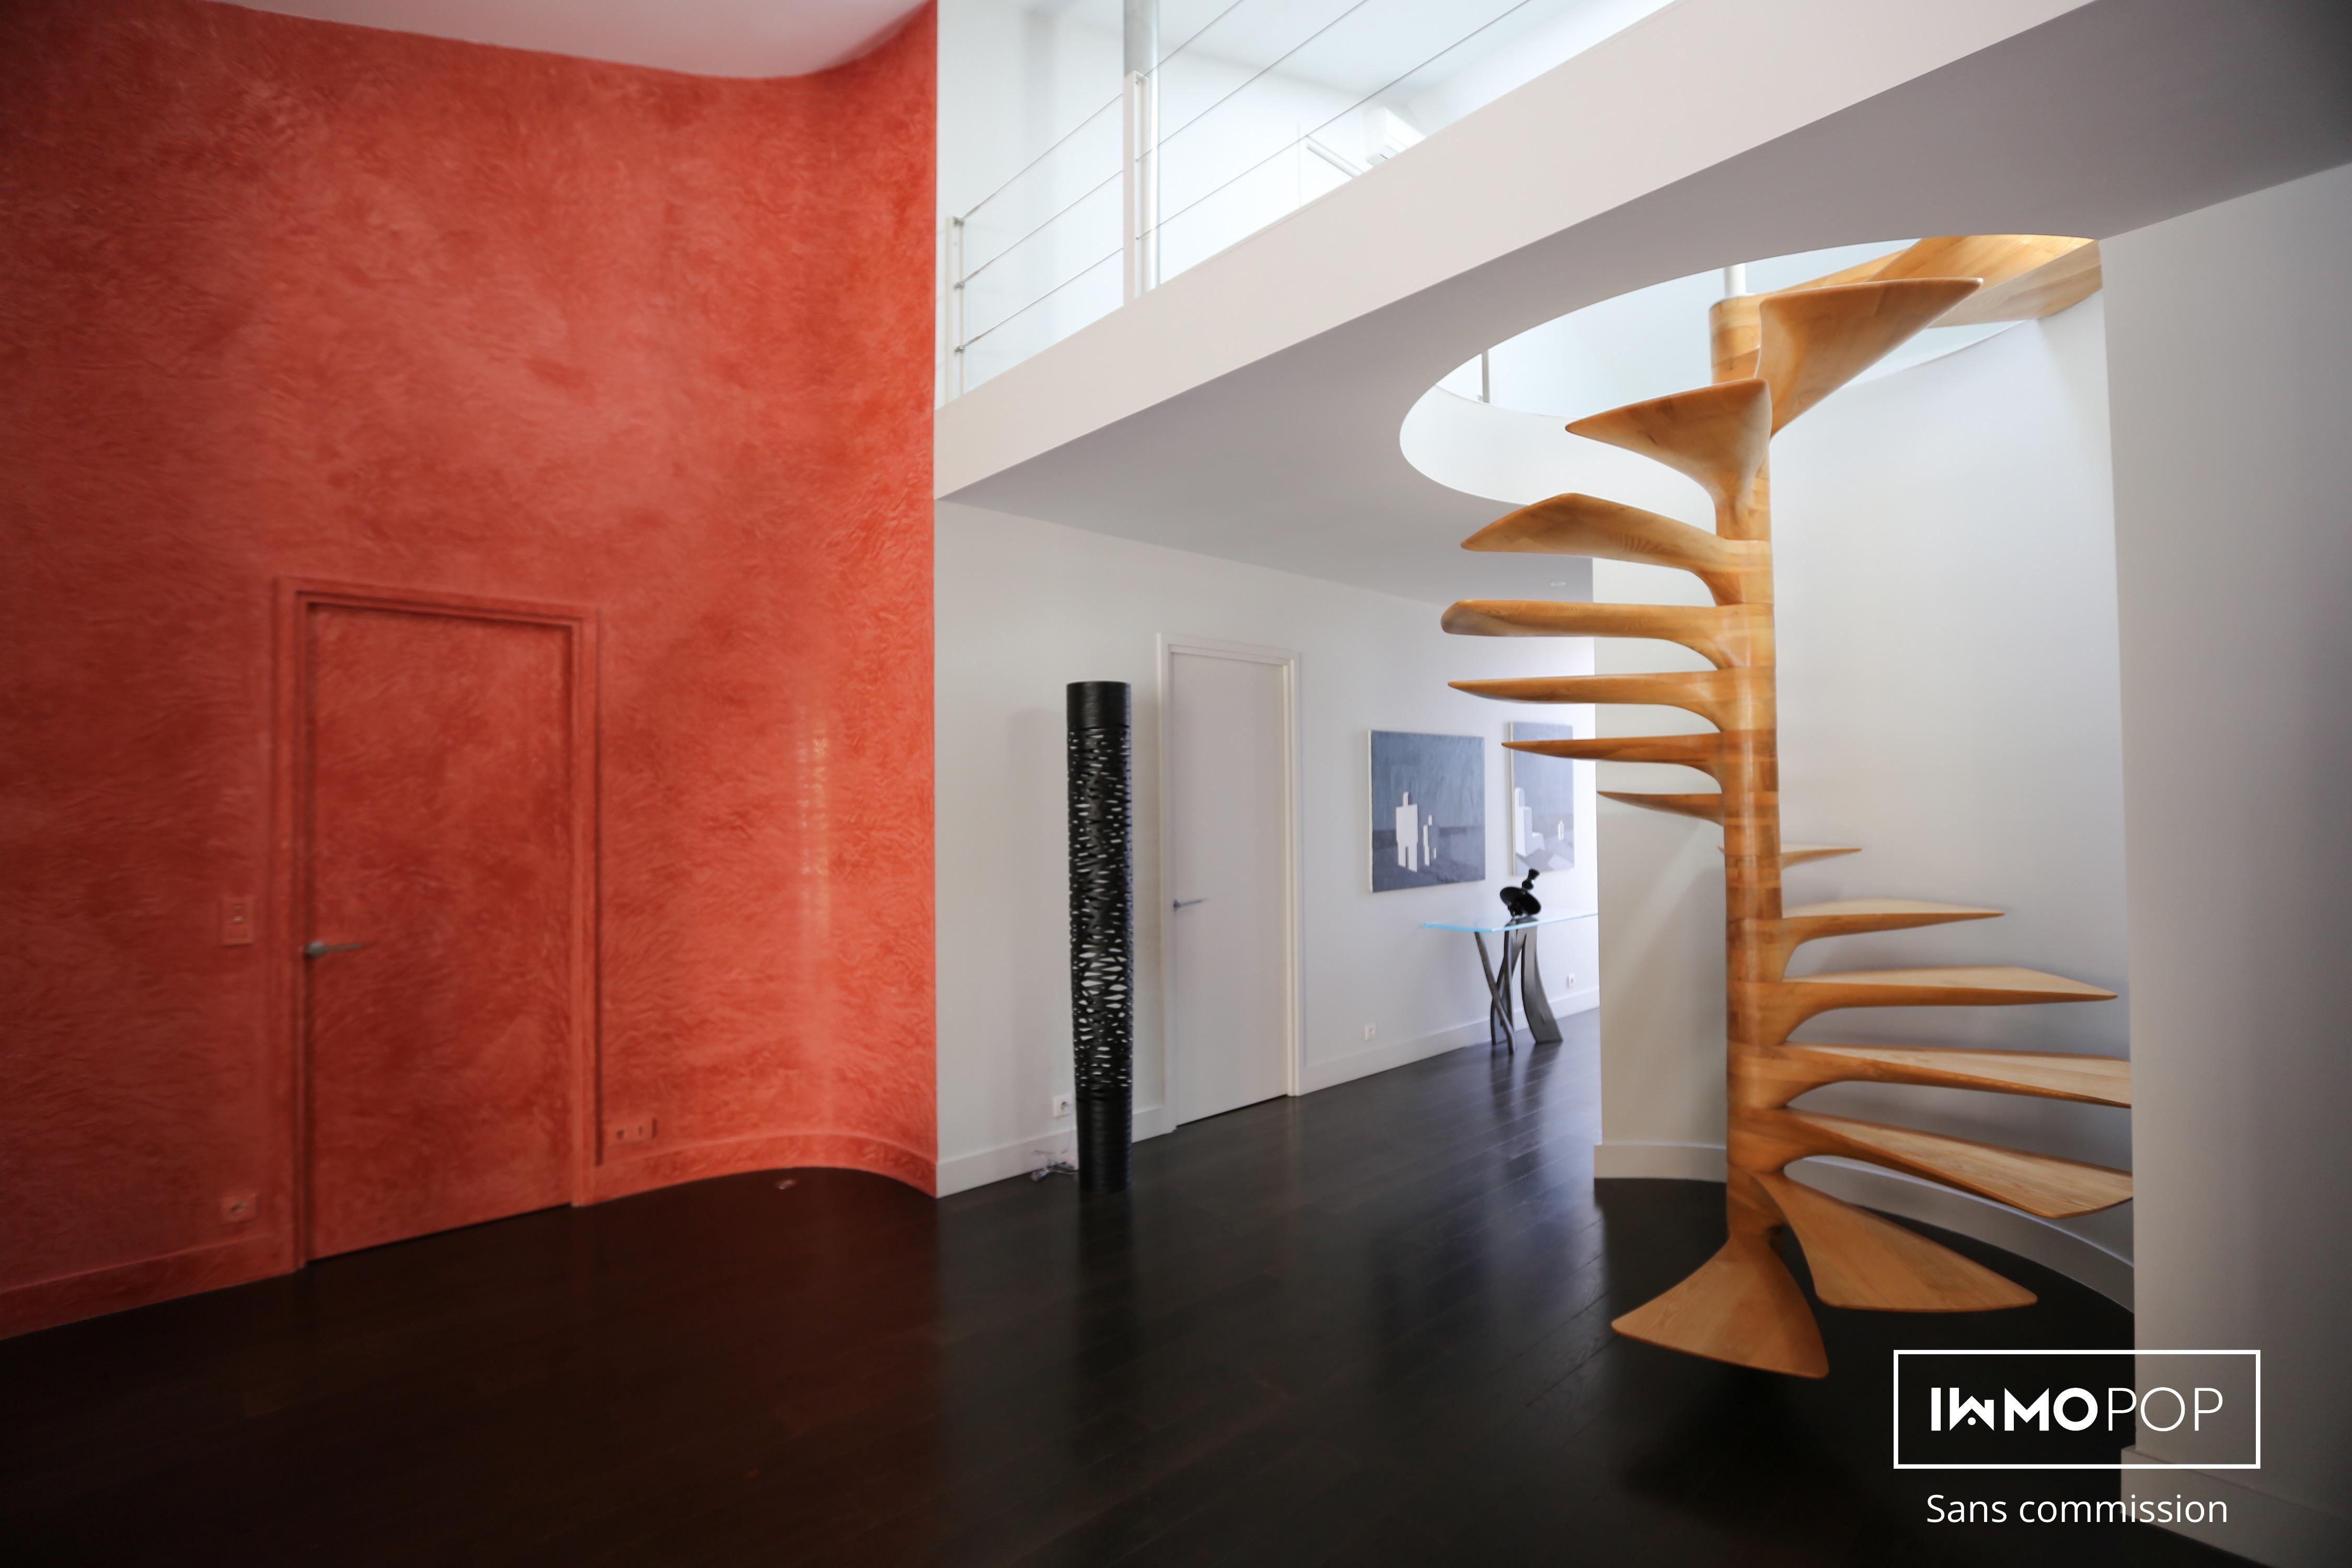 controle collectif vente maison cool les actions du dpartement pour lquipement du territoire et. Black Bedroom Furniture Sets. Home Design Ideas